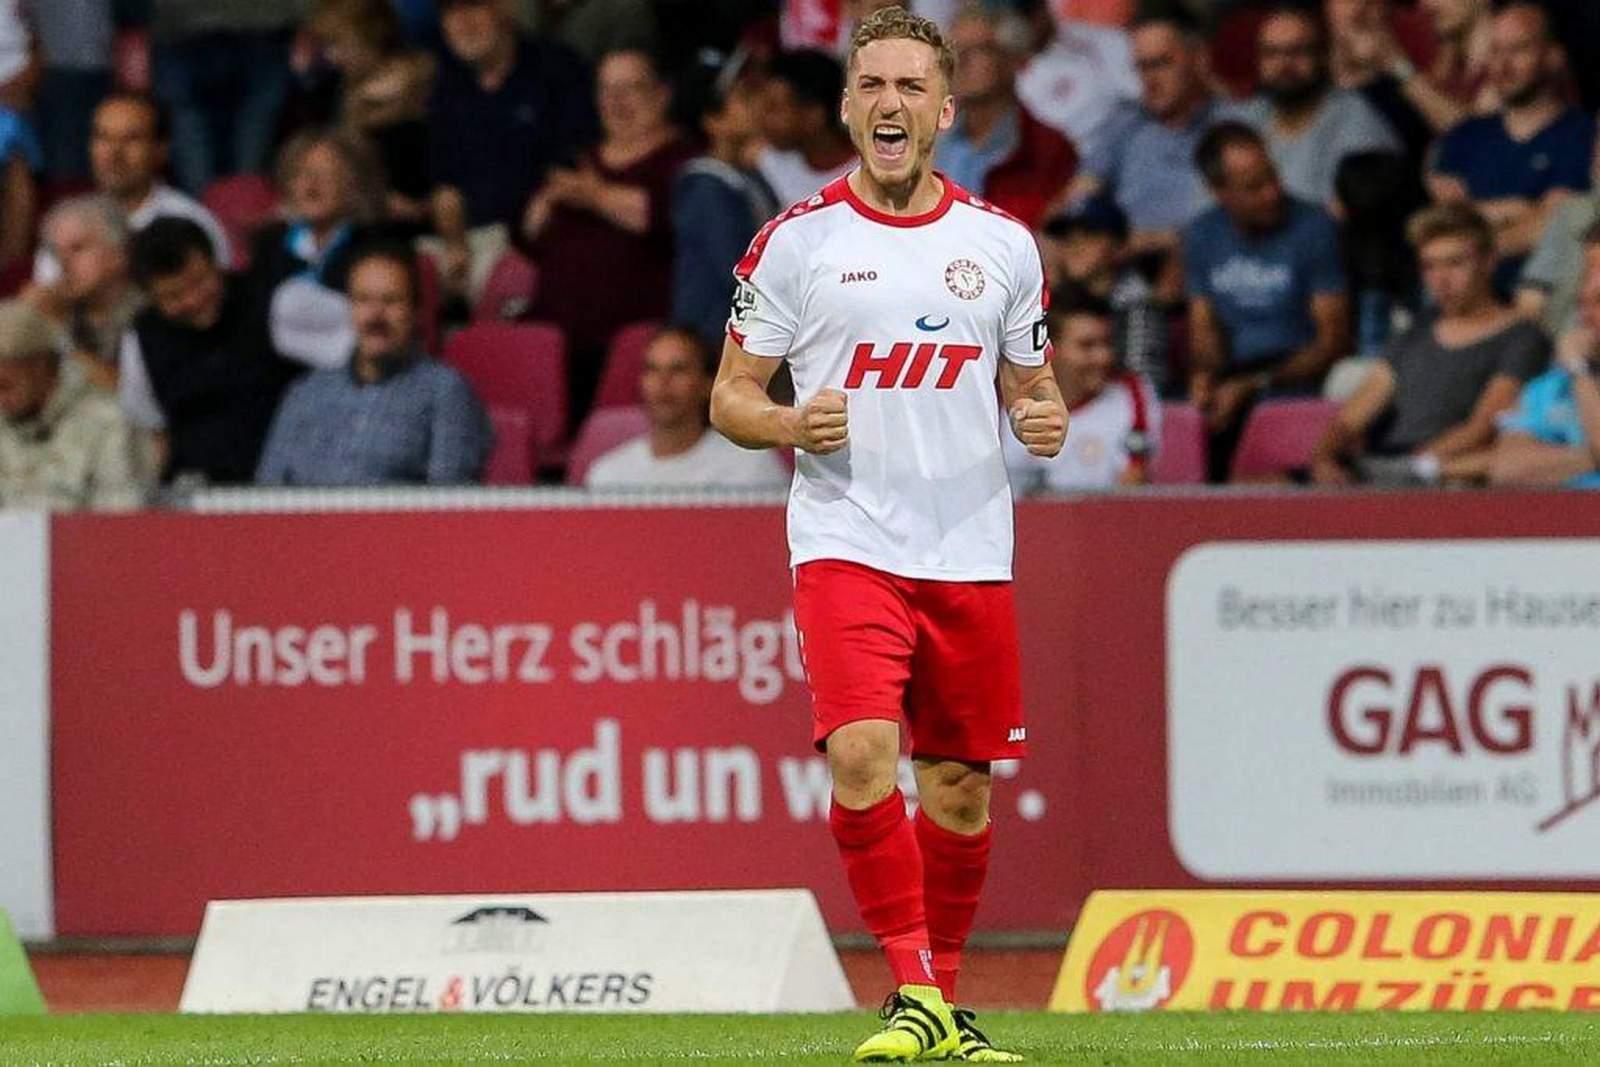 Robin Scheu im Trikot von Fortuna Köln